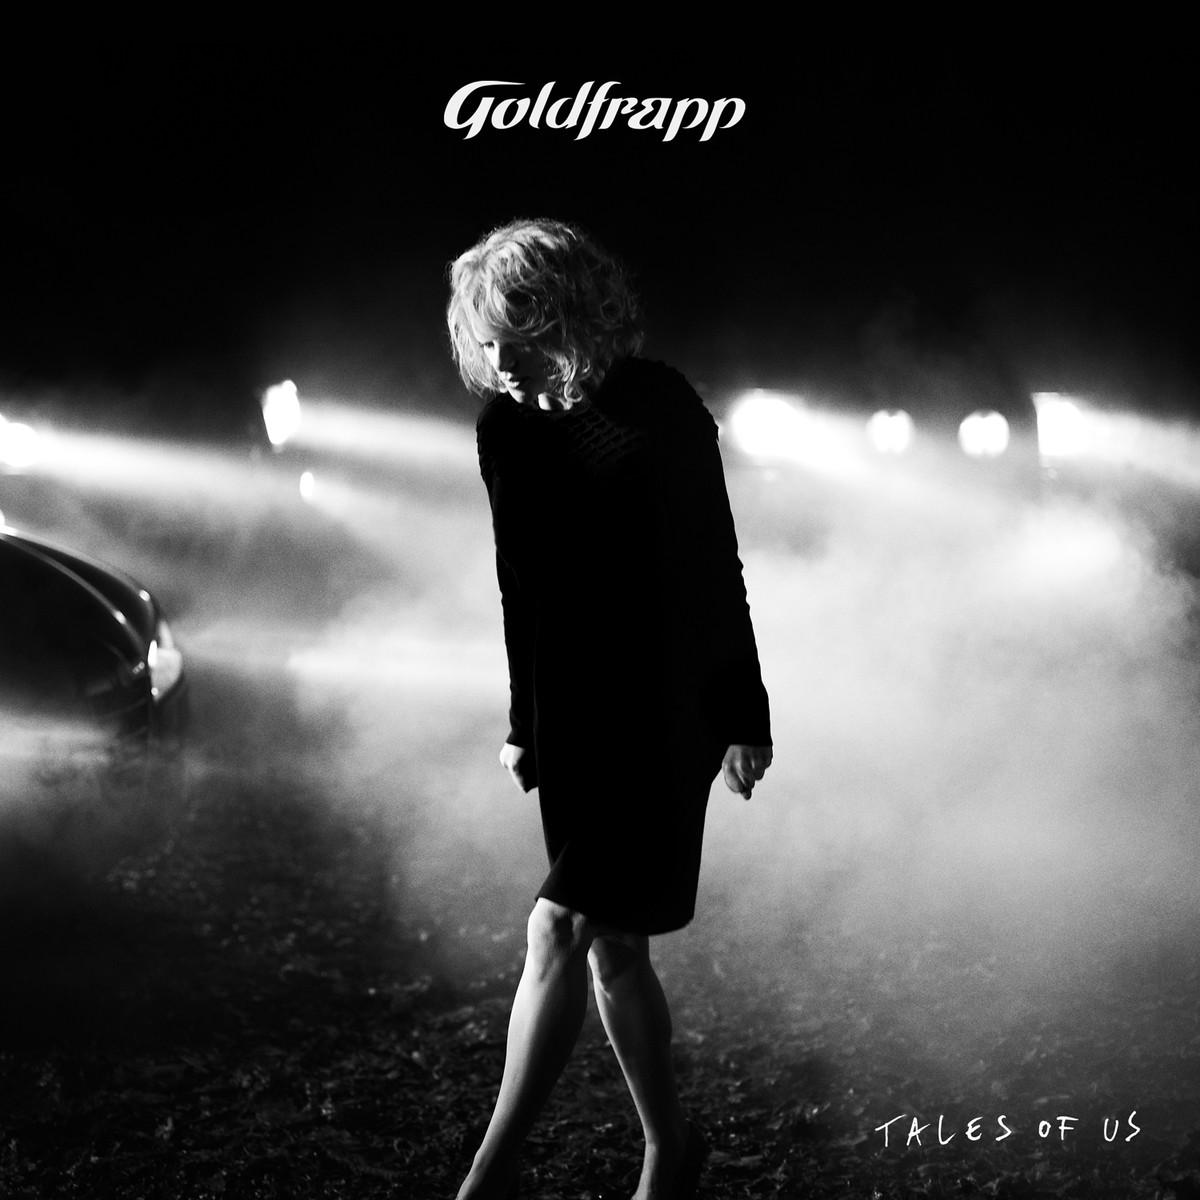 Goldfrapp-Tales-of-Us-2013-1200x1200